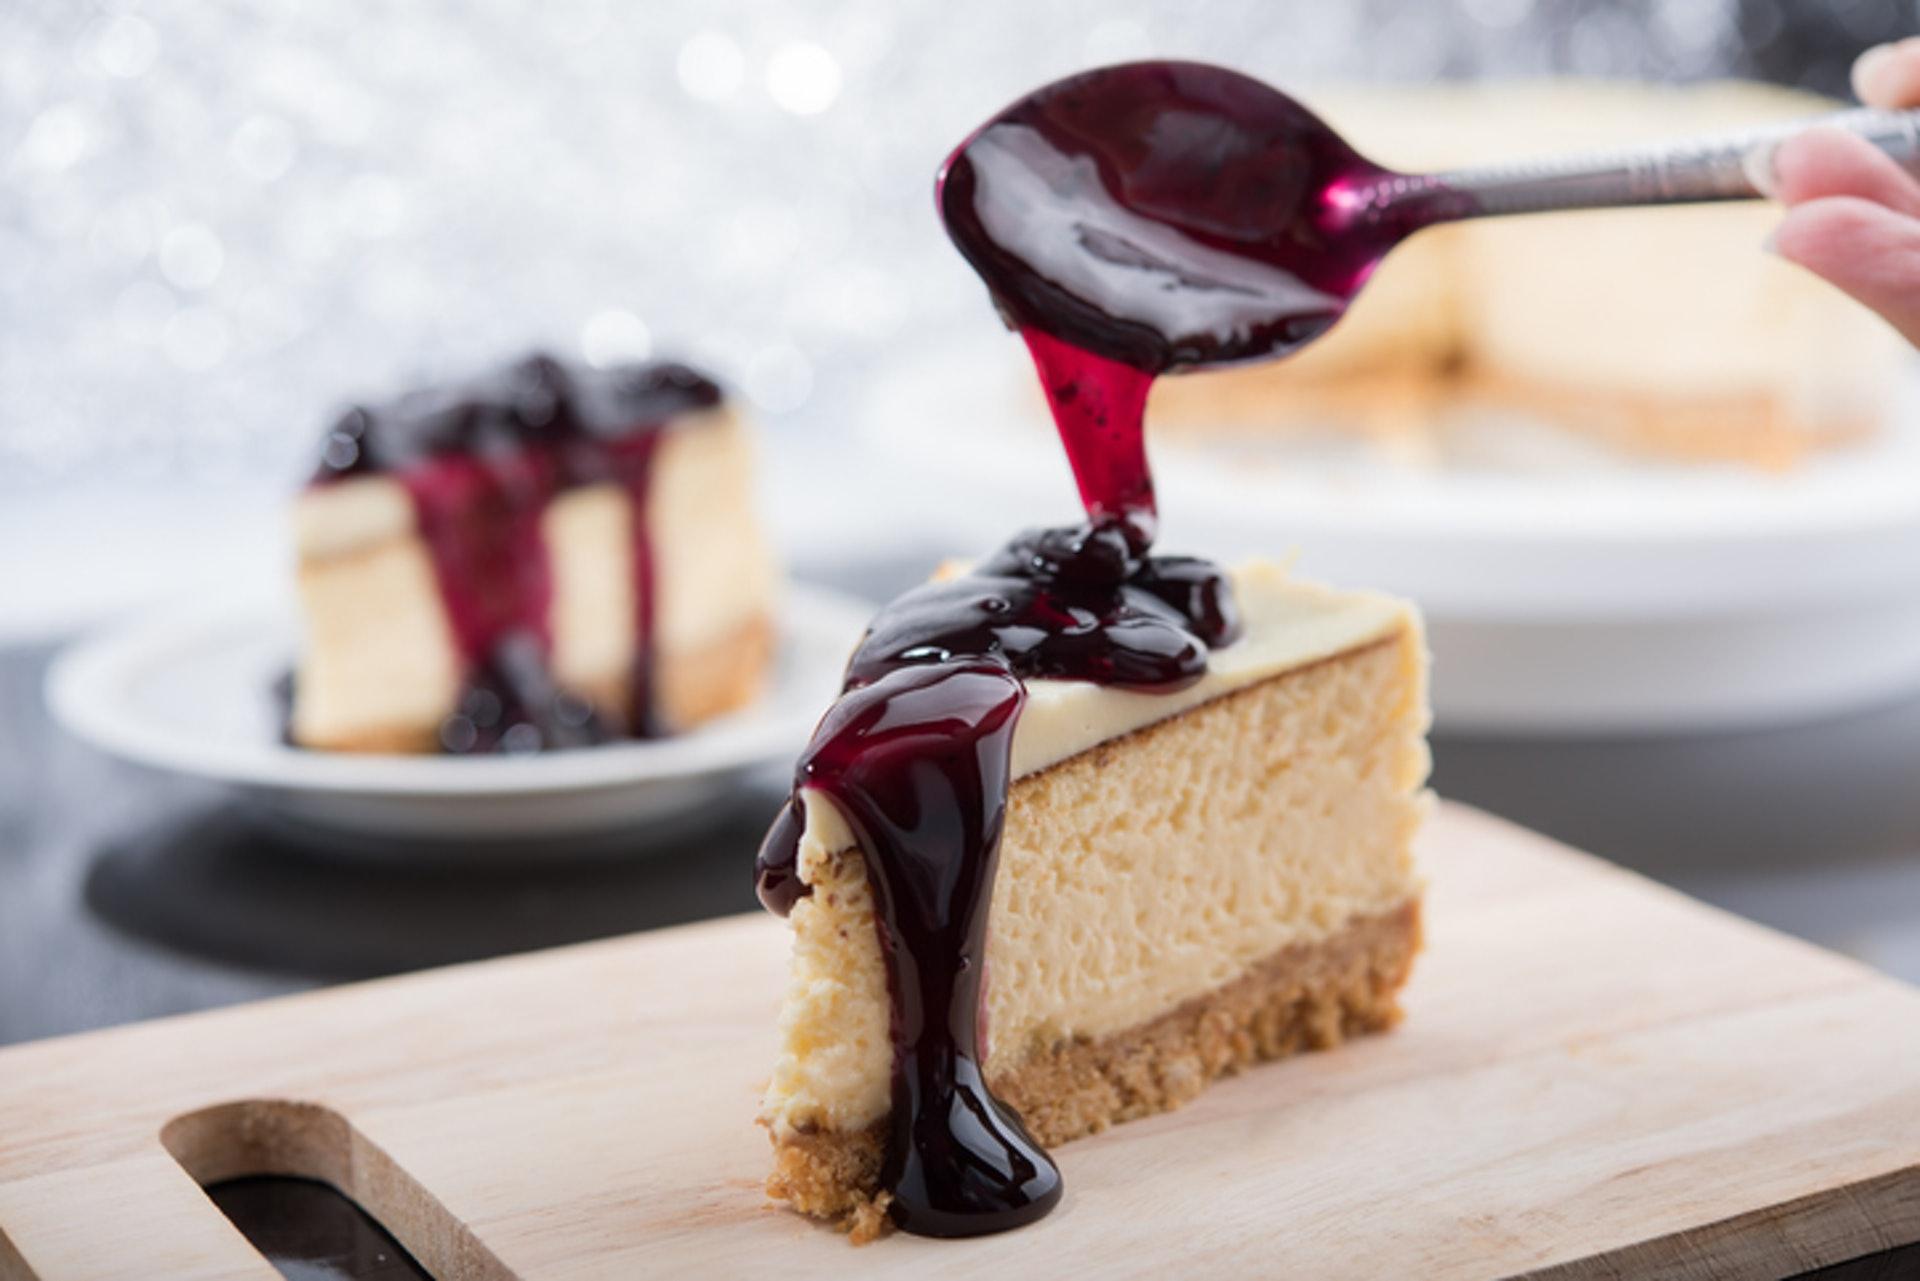 2.【藍莓芝士蛋糕】 藍莓芝士蛋糕中的忌廉芝士卡路里含量較高,製作過程中亦加入大量糖分,餅底又會用上如牛油及消化餅等高卡食材,如果加入大量藍莓果醬,熱量亦會增加。(GettyImages/VCG)